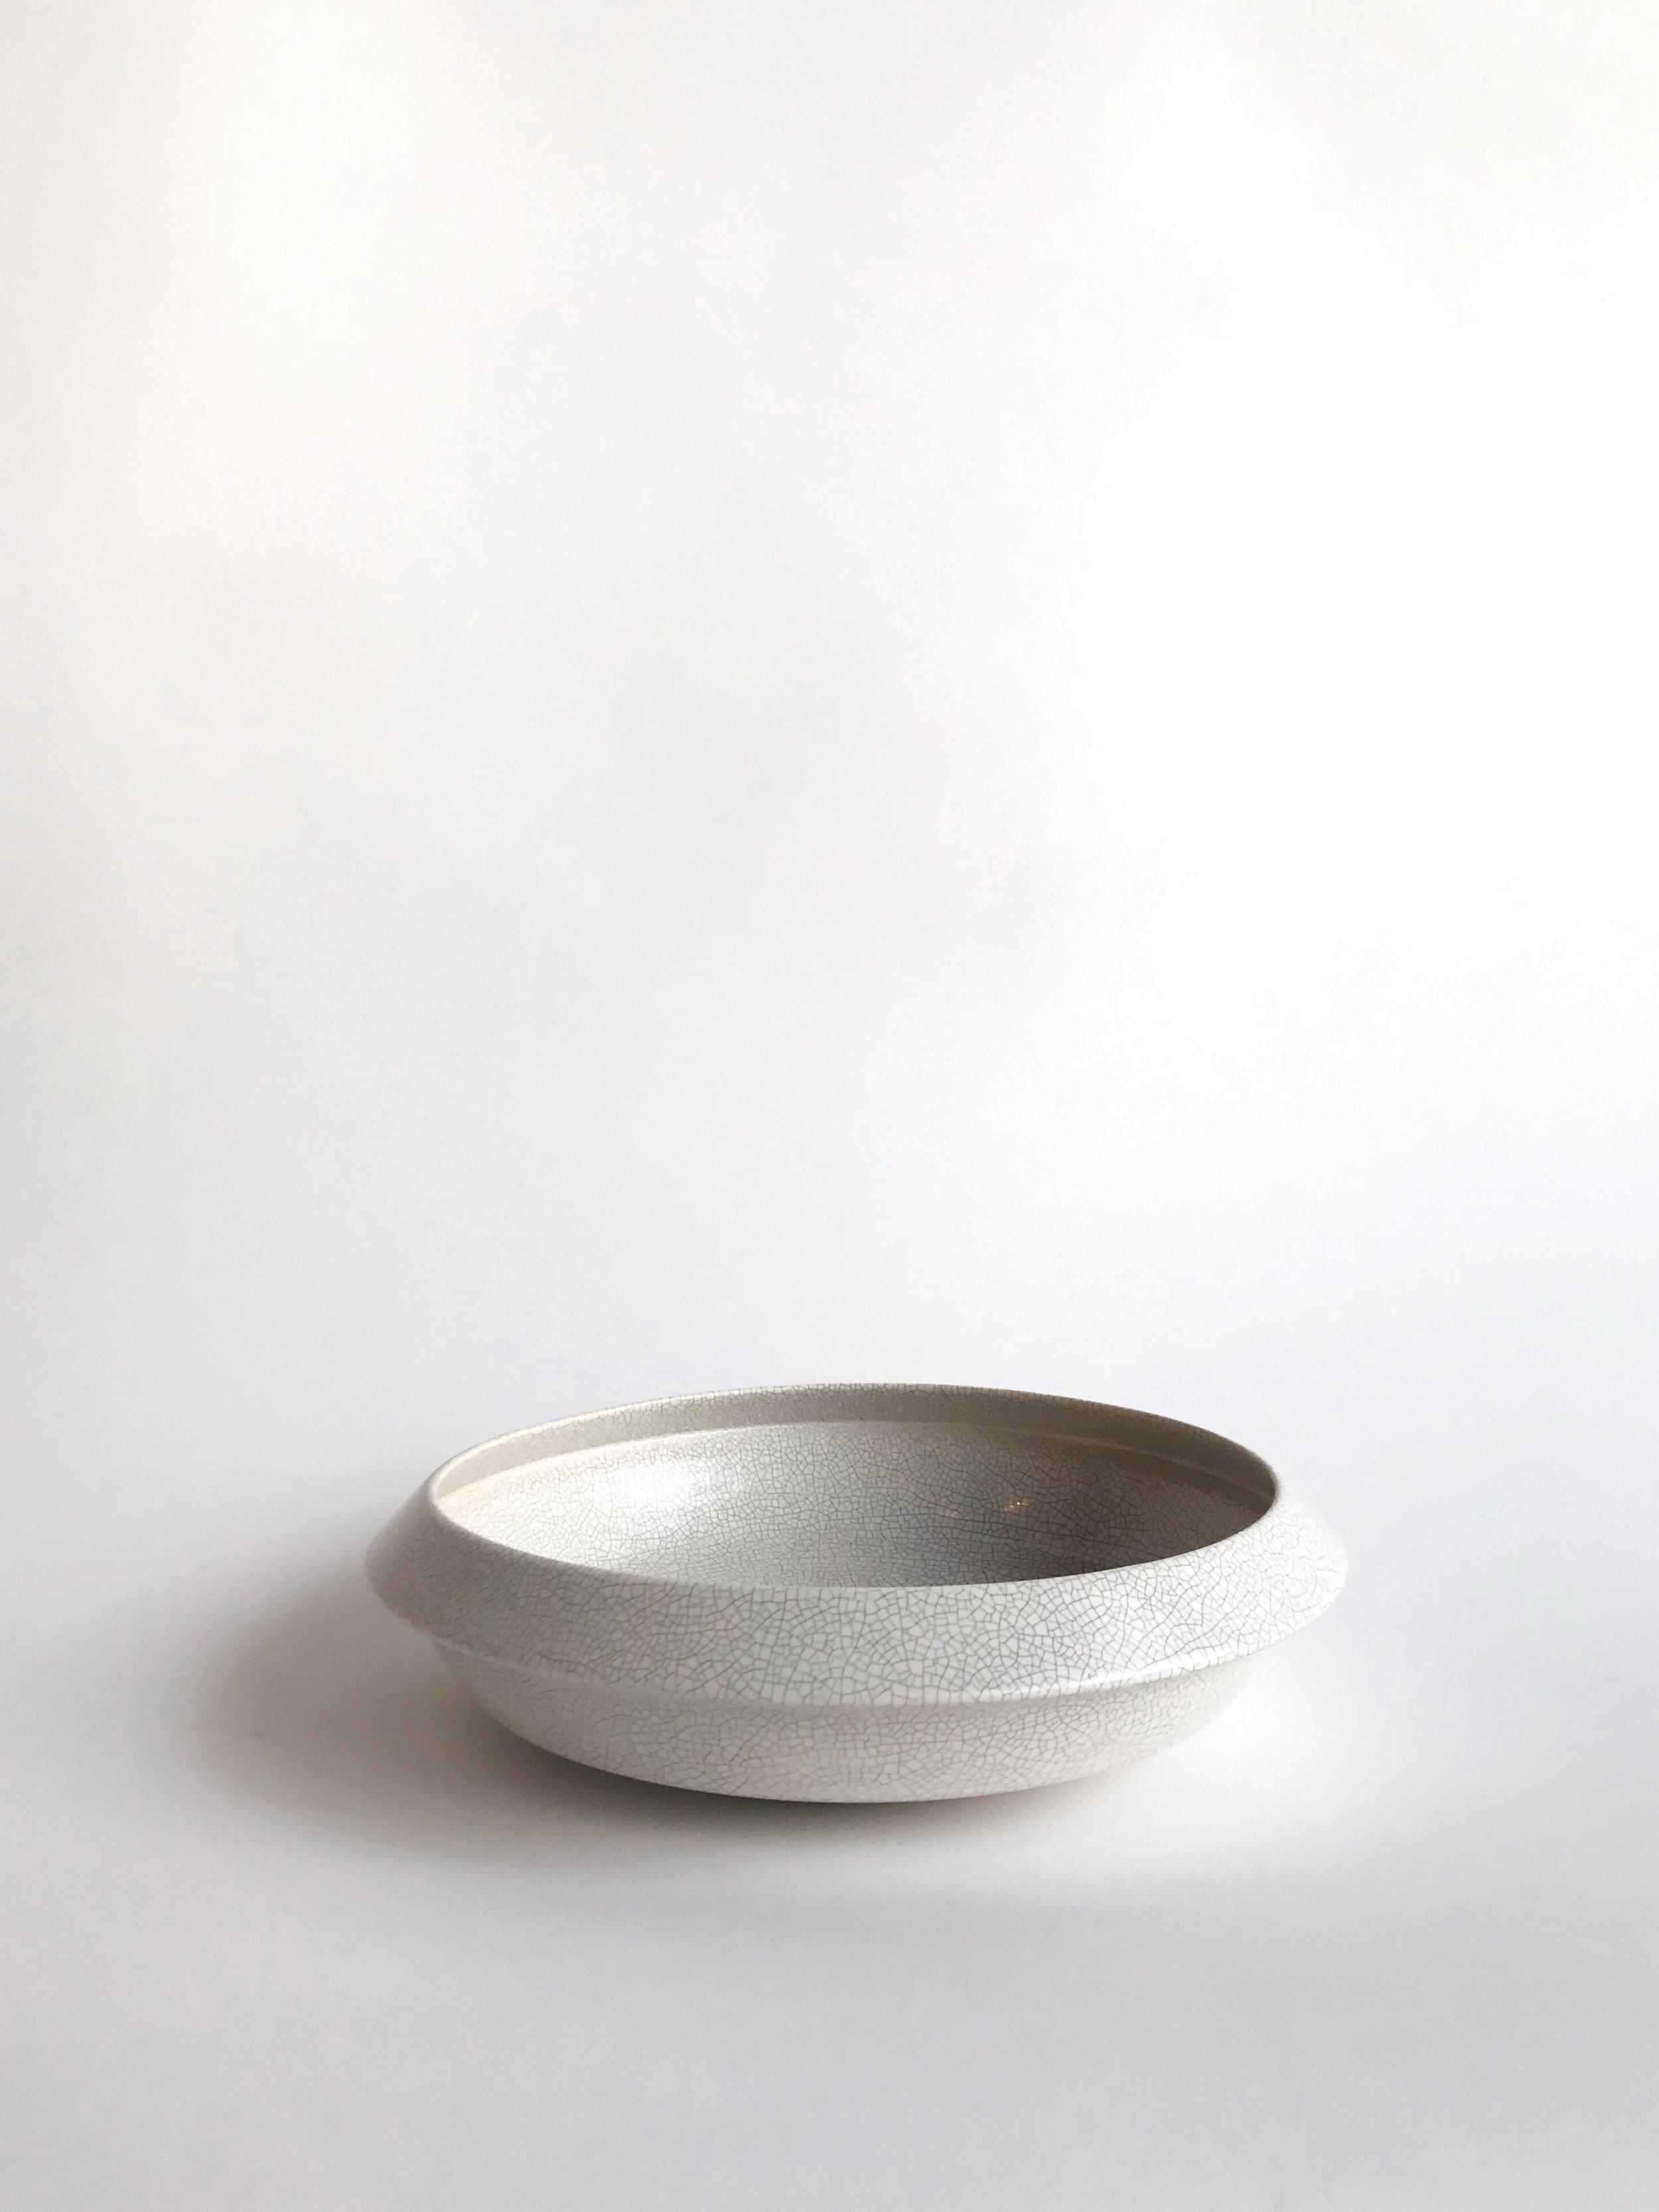 Sorrento white crackle 1.JPG